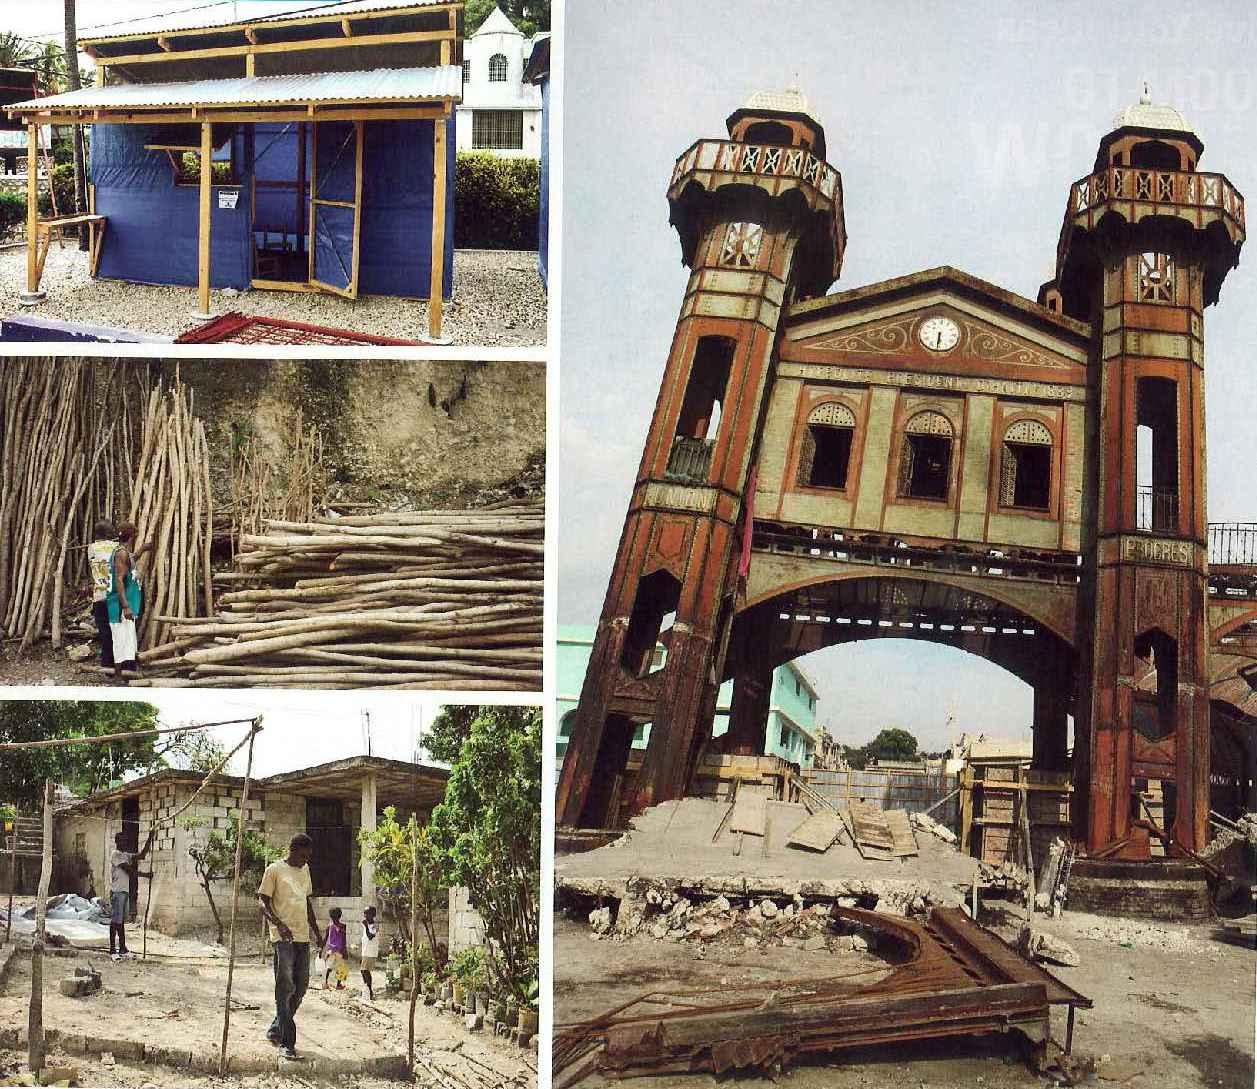 Haiti ruins